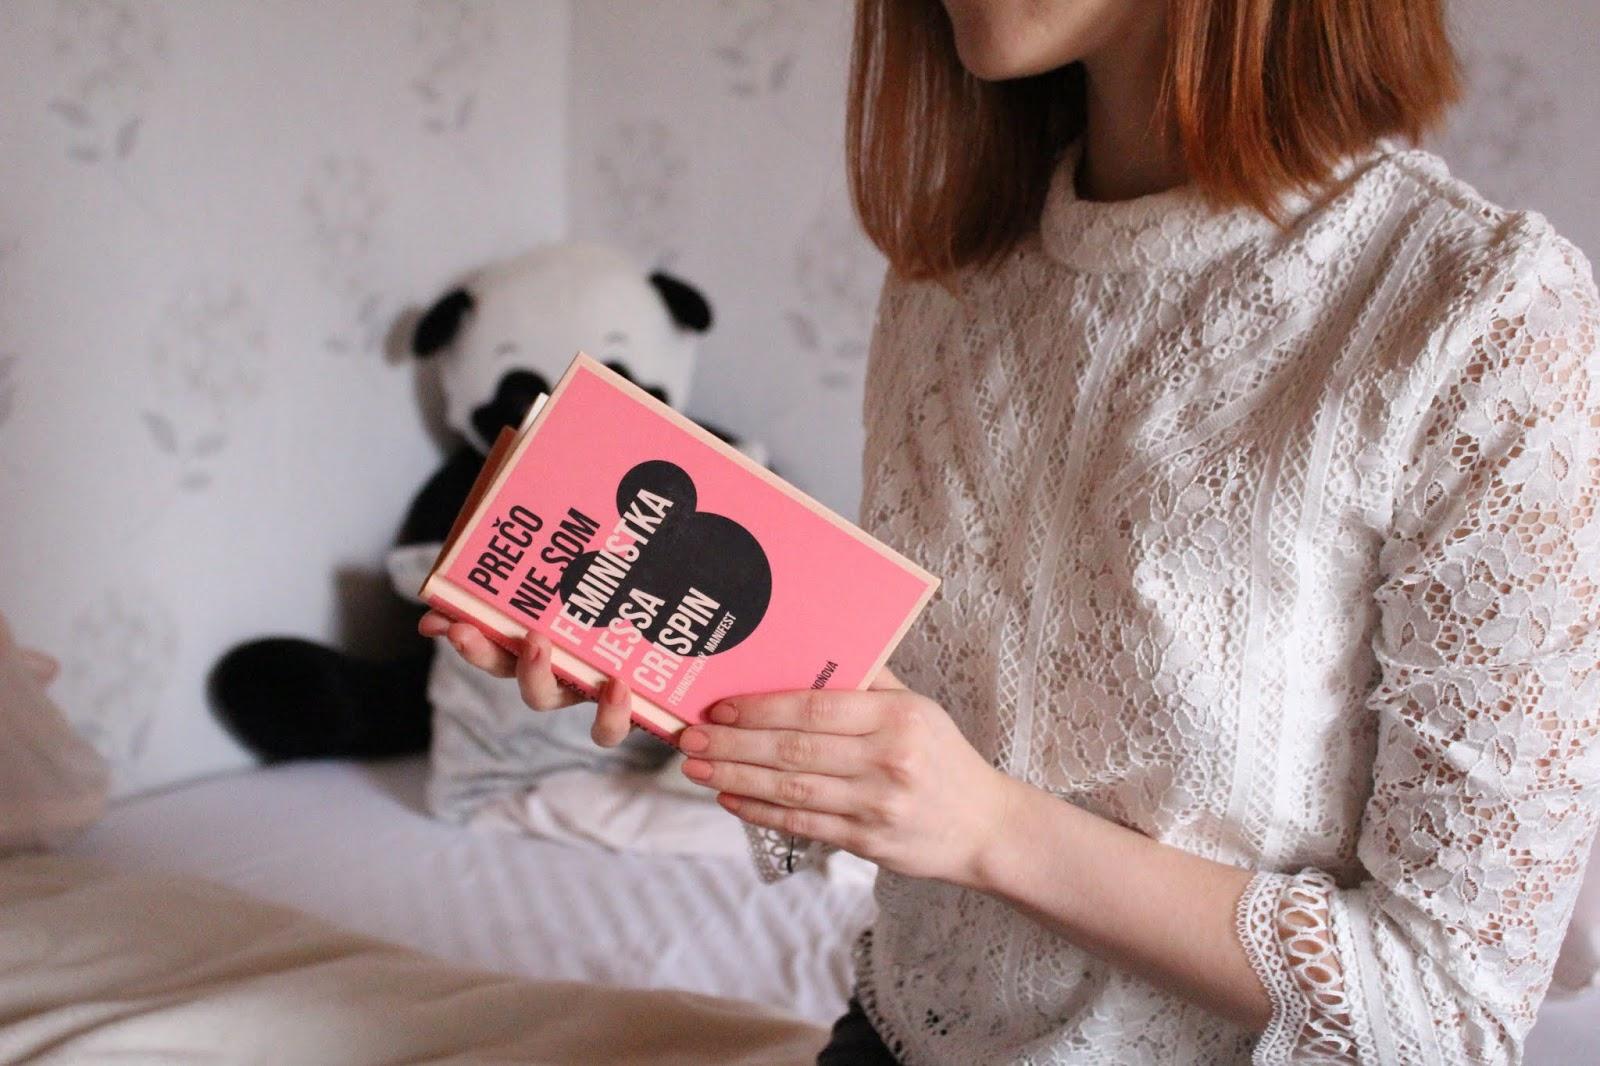 Čím vás môže táto kniha obohatiť? ║ Prečo nie som feministka - Jessa Crispin ║recenzia